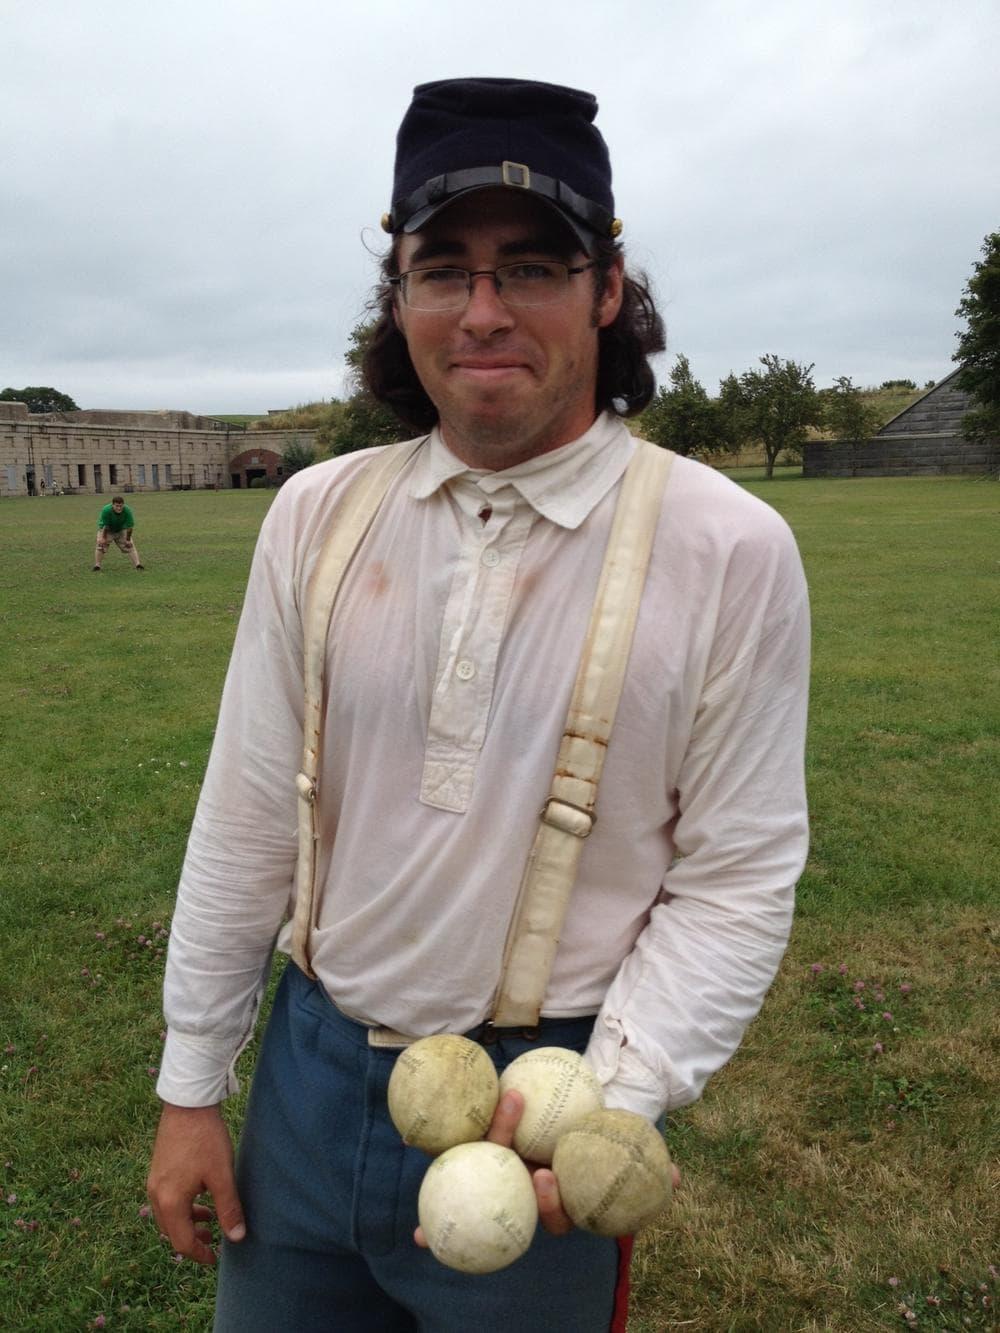 Jerry McCormack, a park ranger at Fort Warren on Georges Island, preps for a game of vintage baseball. (Melissa Galvez/WBUR)